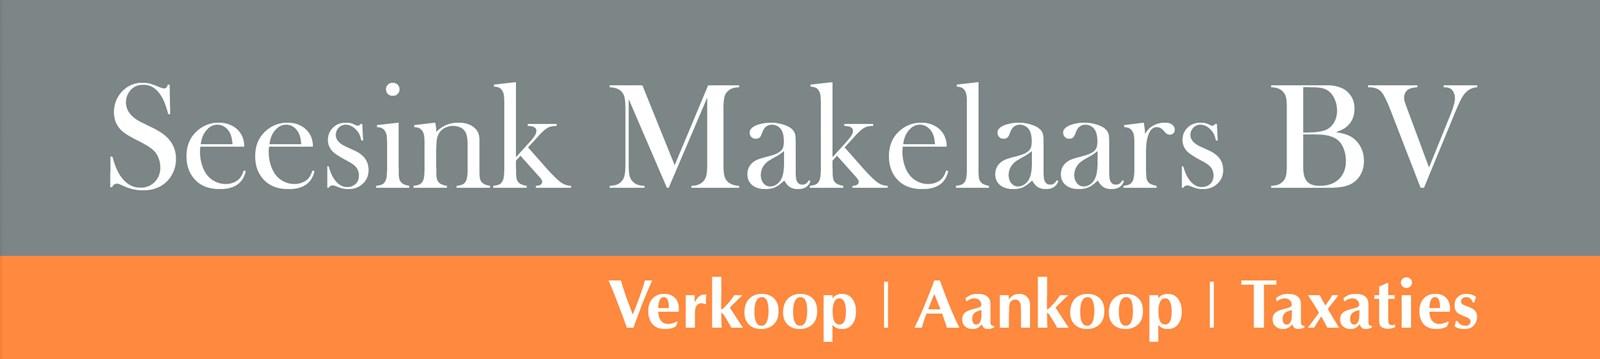 Logo van Seesink Makelaars BV